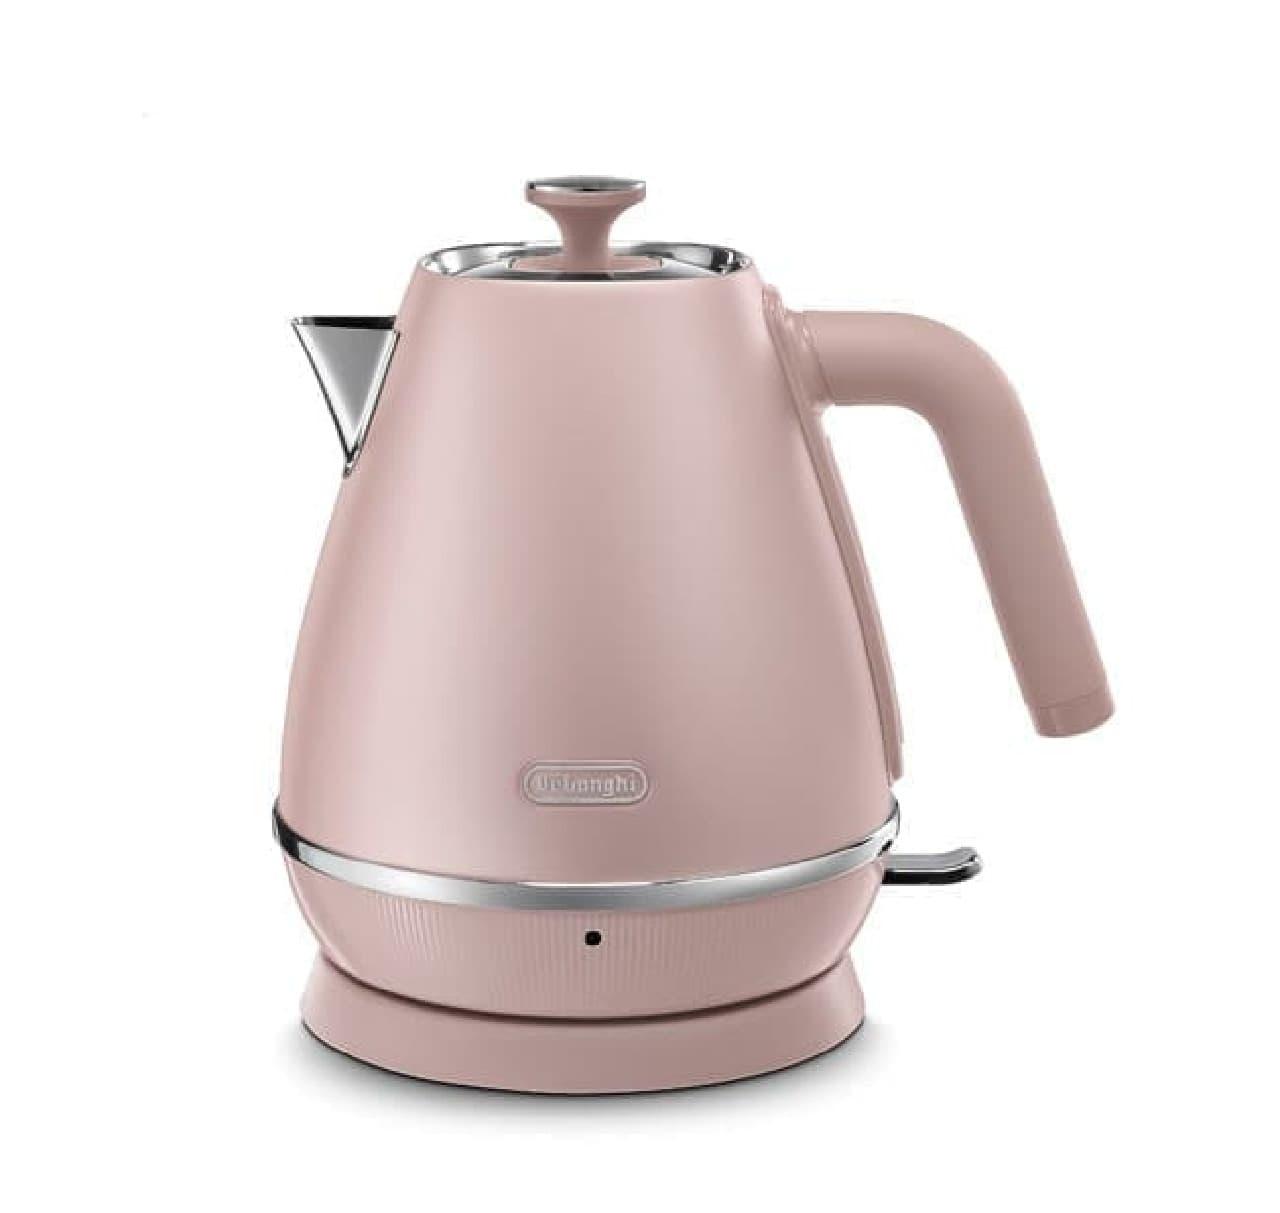 上品なピンクのオーブン&トースター♪「デロンギ ディスティンタ・ペルラ コレクション」発売